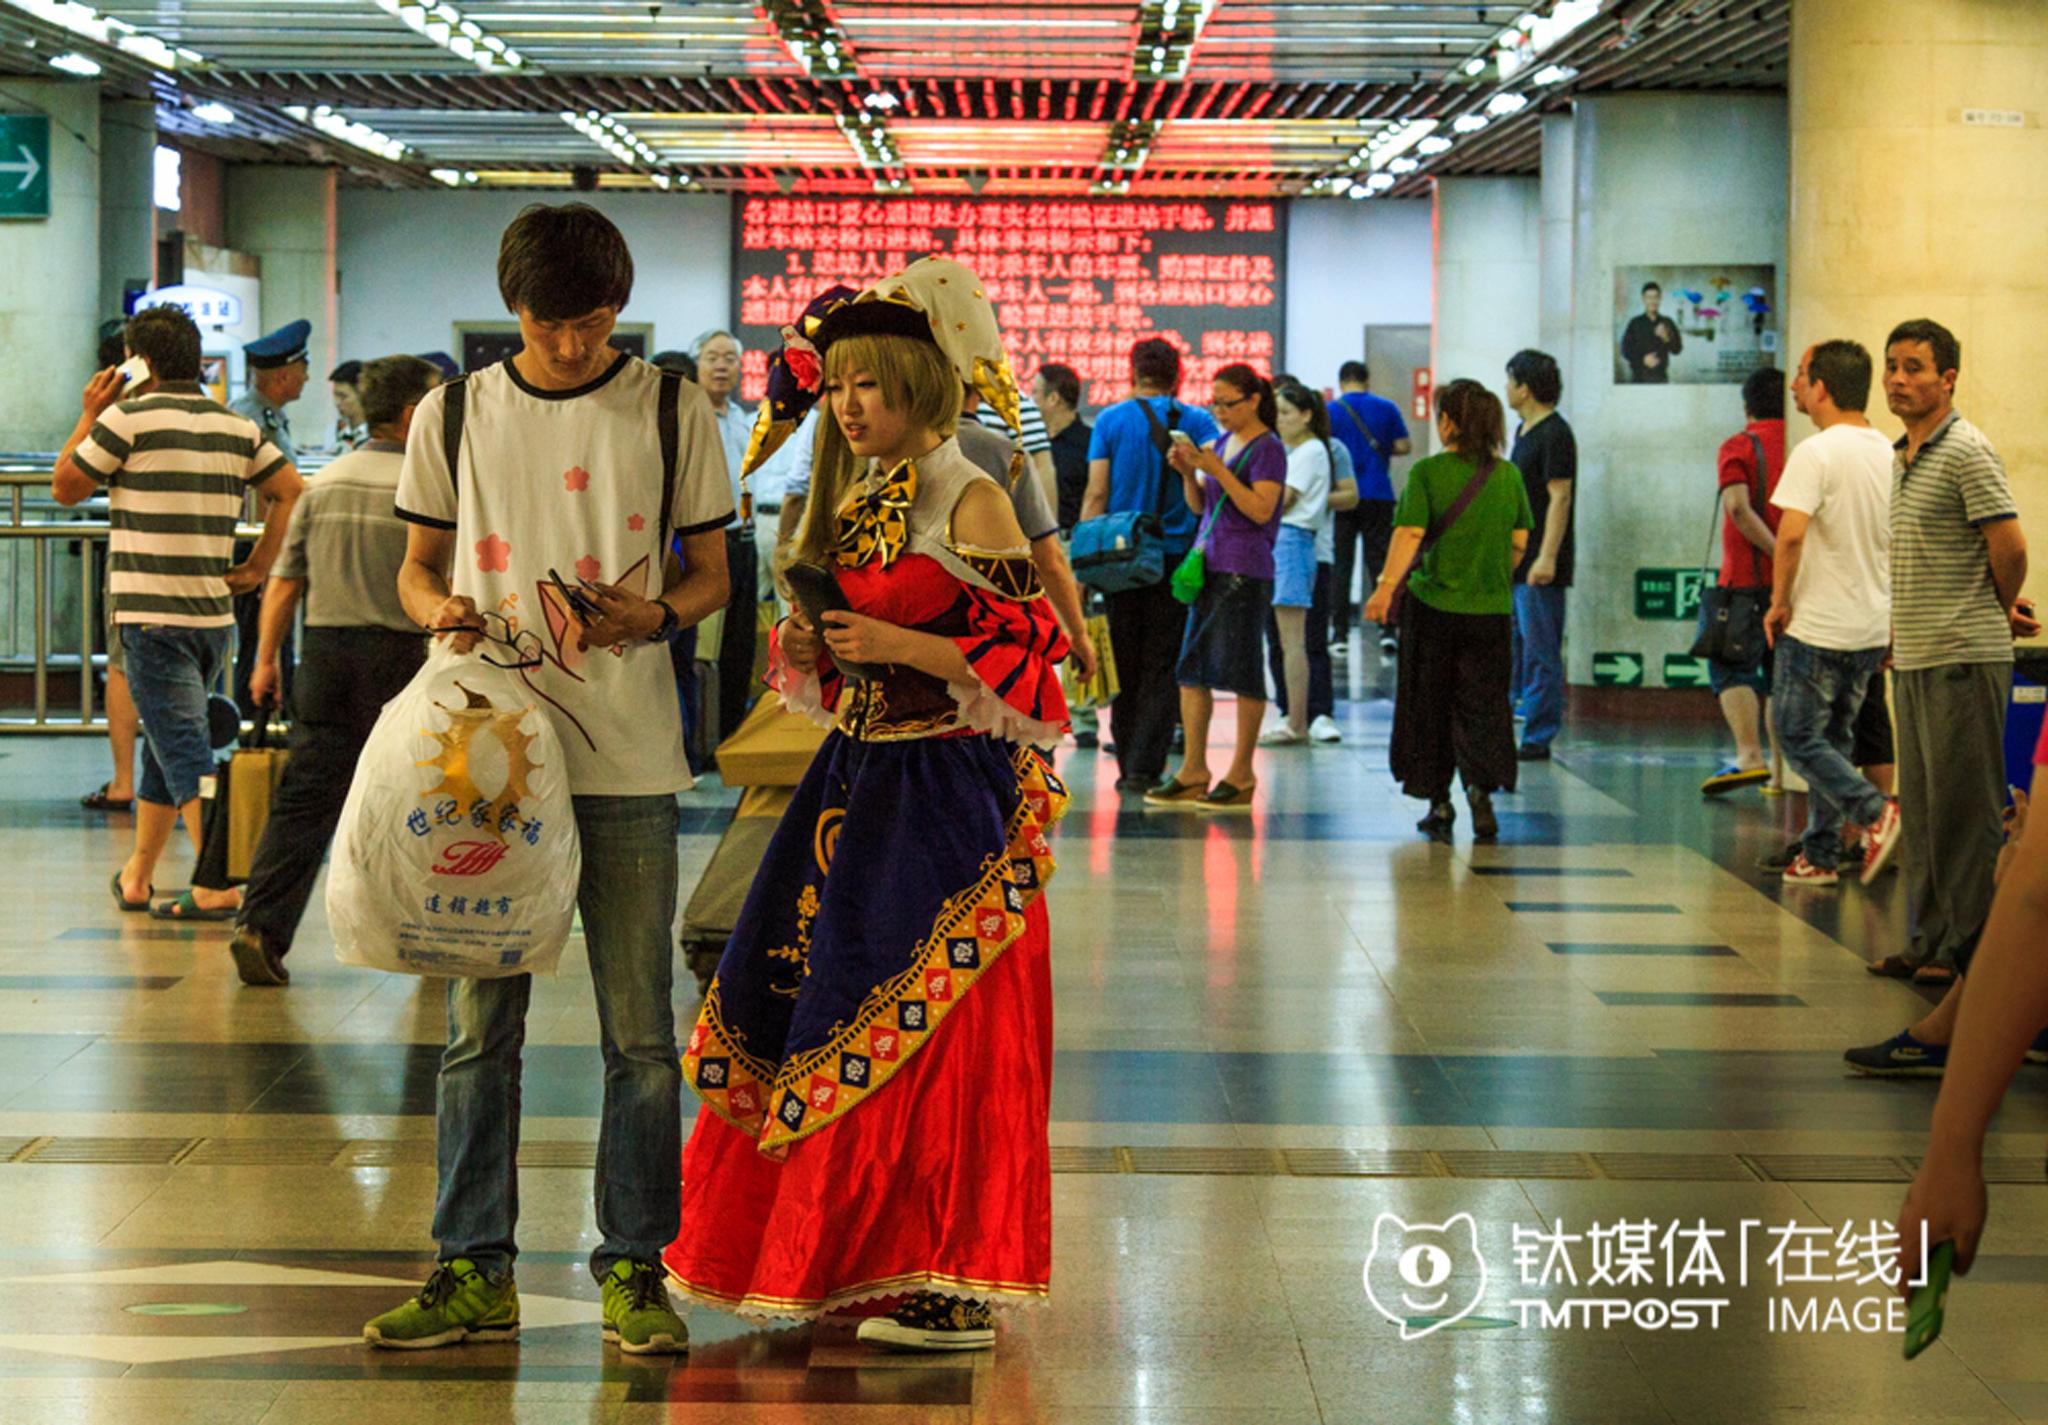 北京西地铁站,一位Coser刚演出完还未来得及卸妆,和男友一起去乘搭地铁。在人潮中,他们并不觉得有什么异样。